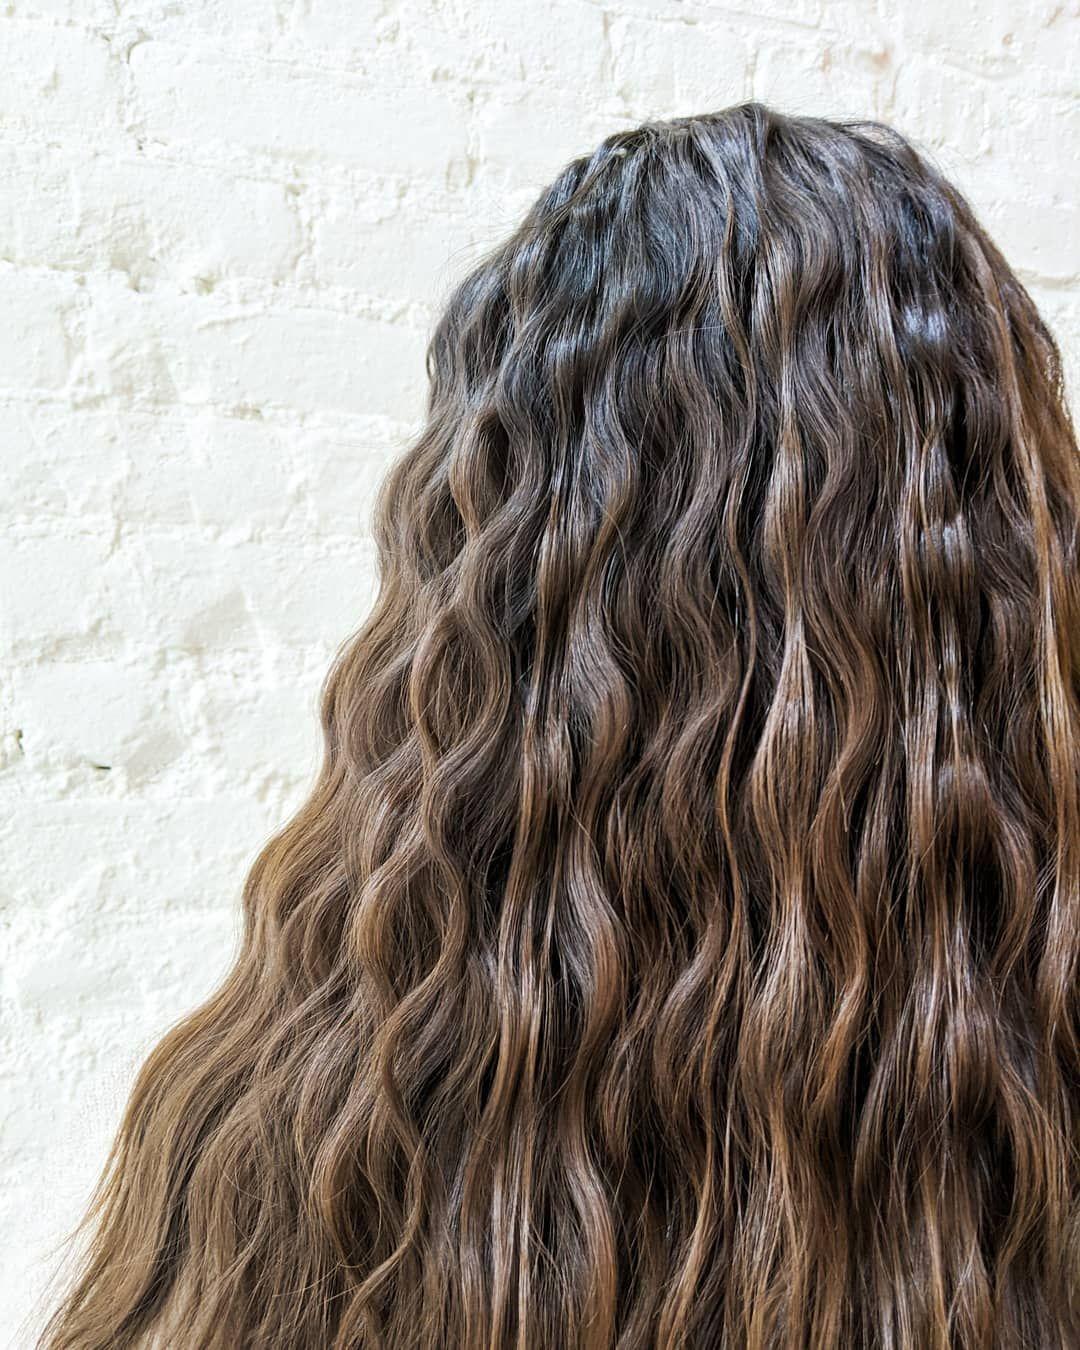 Mermaid Waves In 2020 Hair Waves Mermaid Waves Best Hair Salon